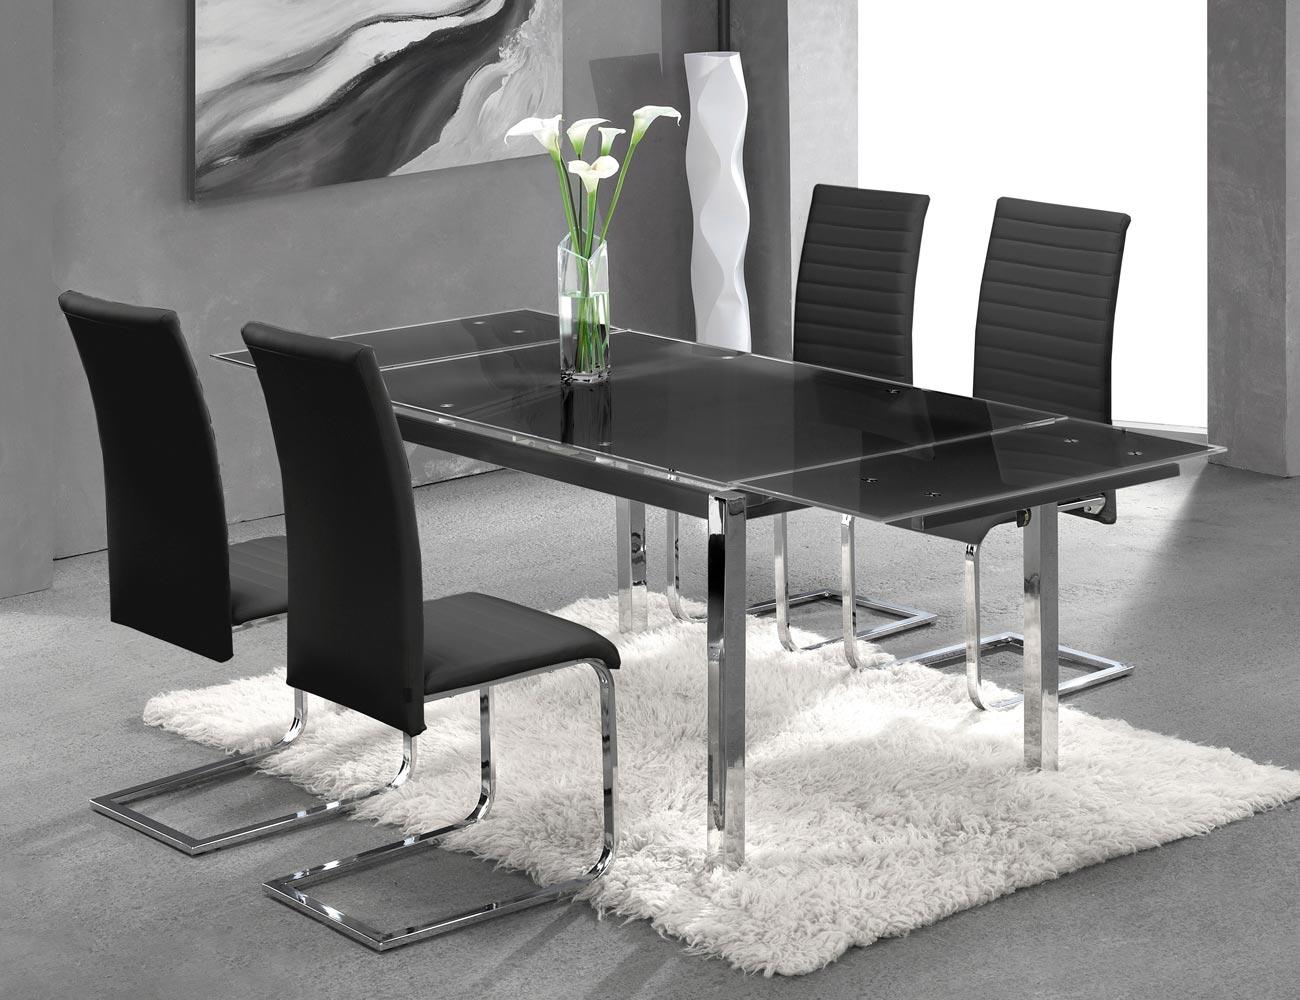 Mesa cocina cristal templado negra extensible 207 3722